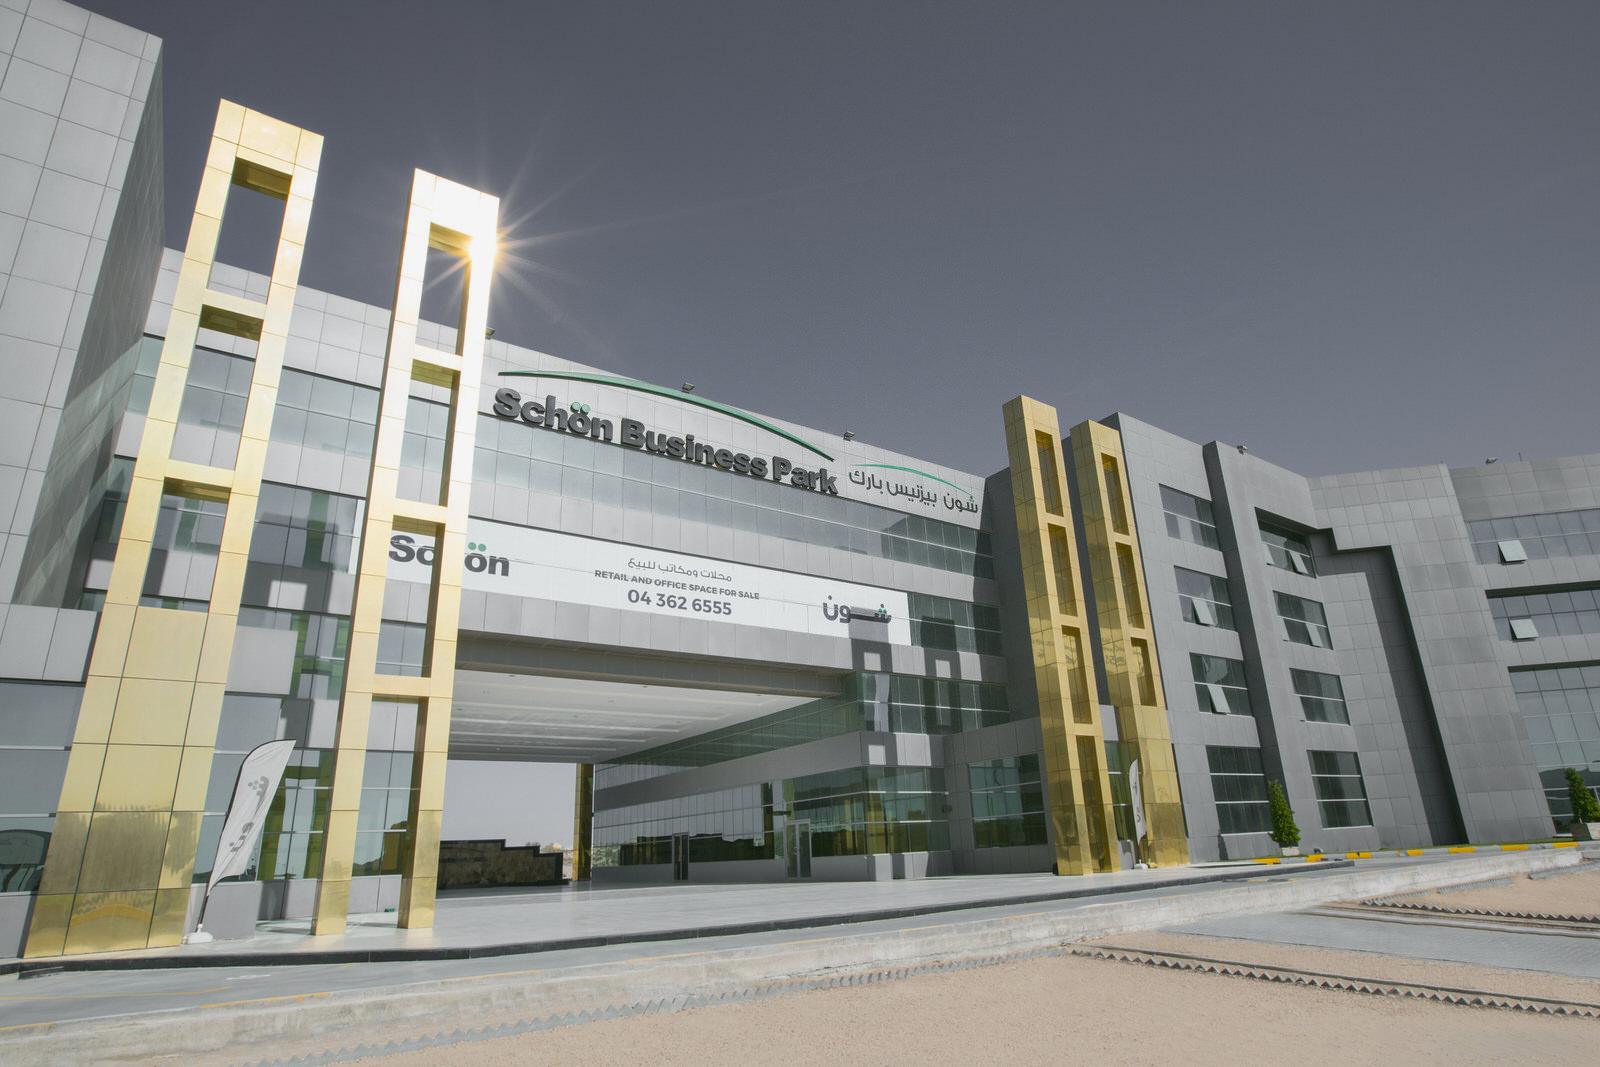 Schon Business Park